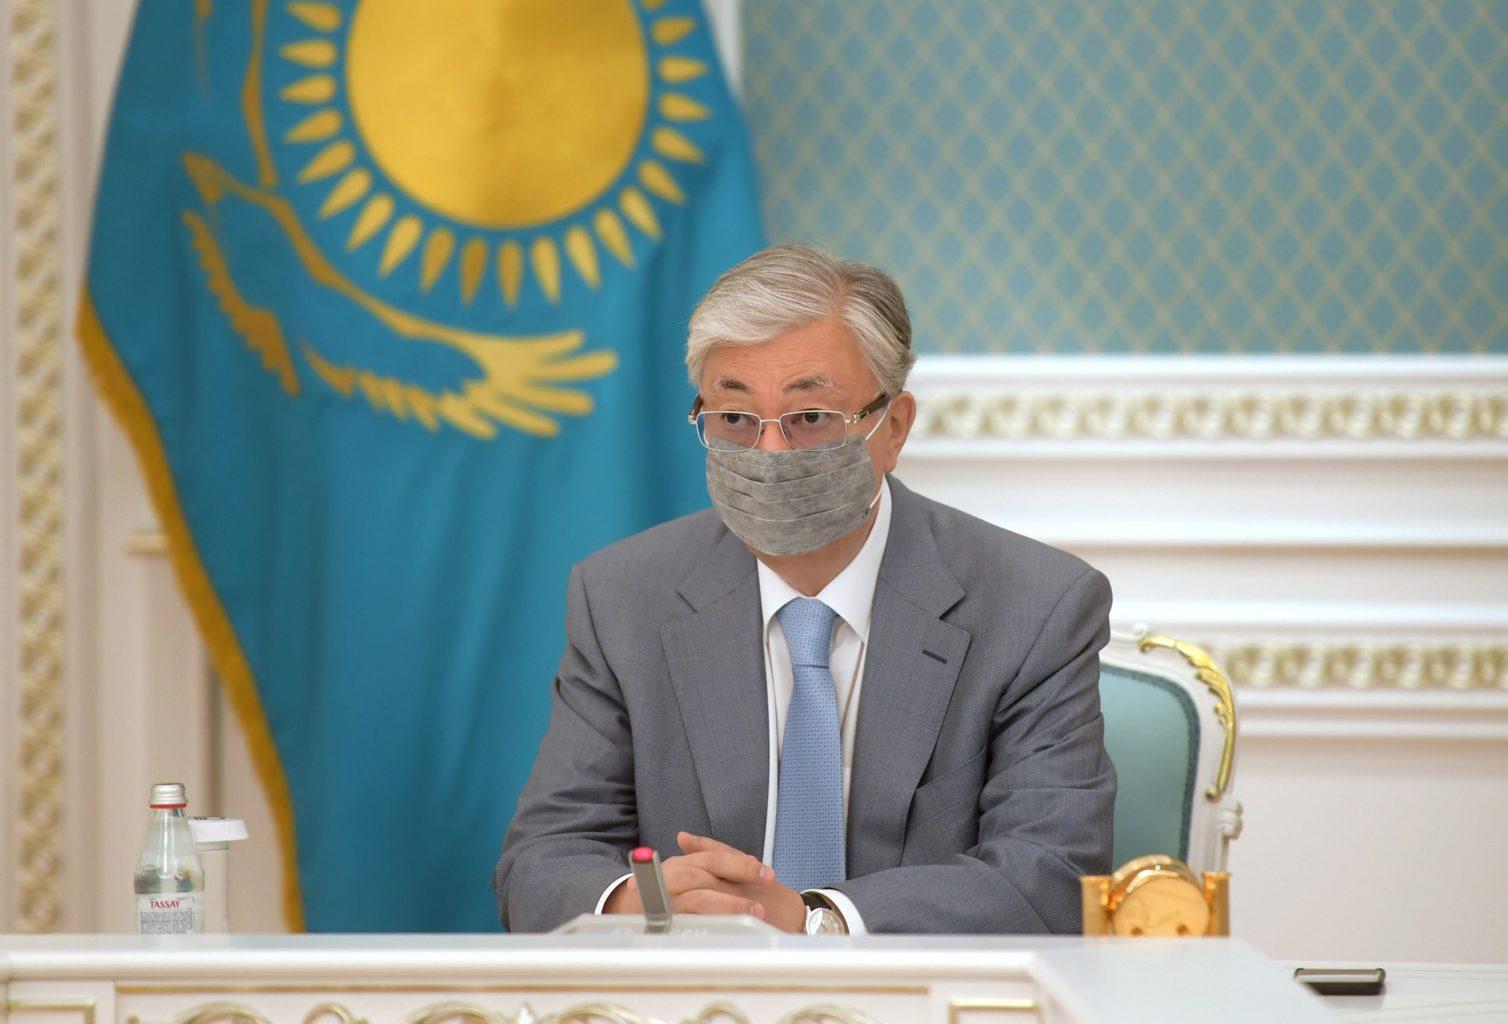 Токаев сообщил о возможном роспуске правительства